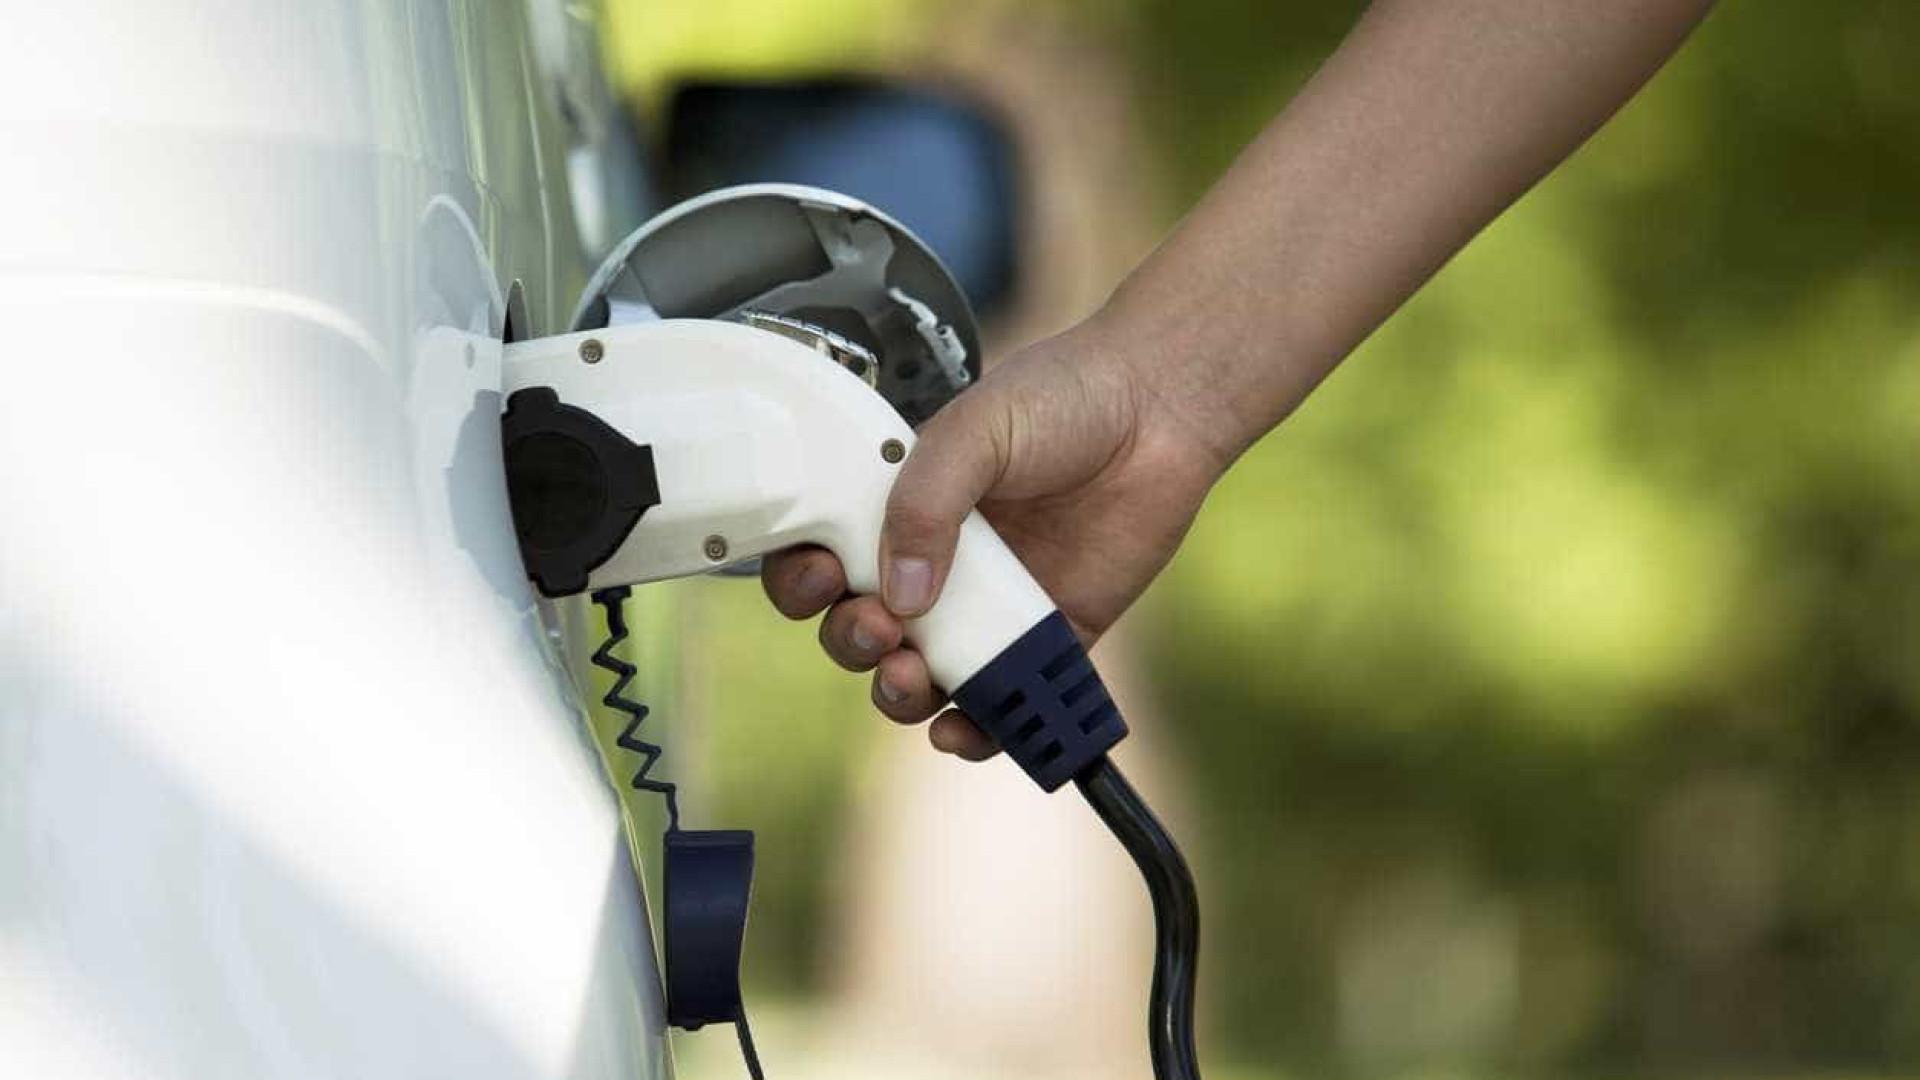 Pagamentos dos carregamentos de carros elétricos só irão avançar em 2018